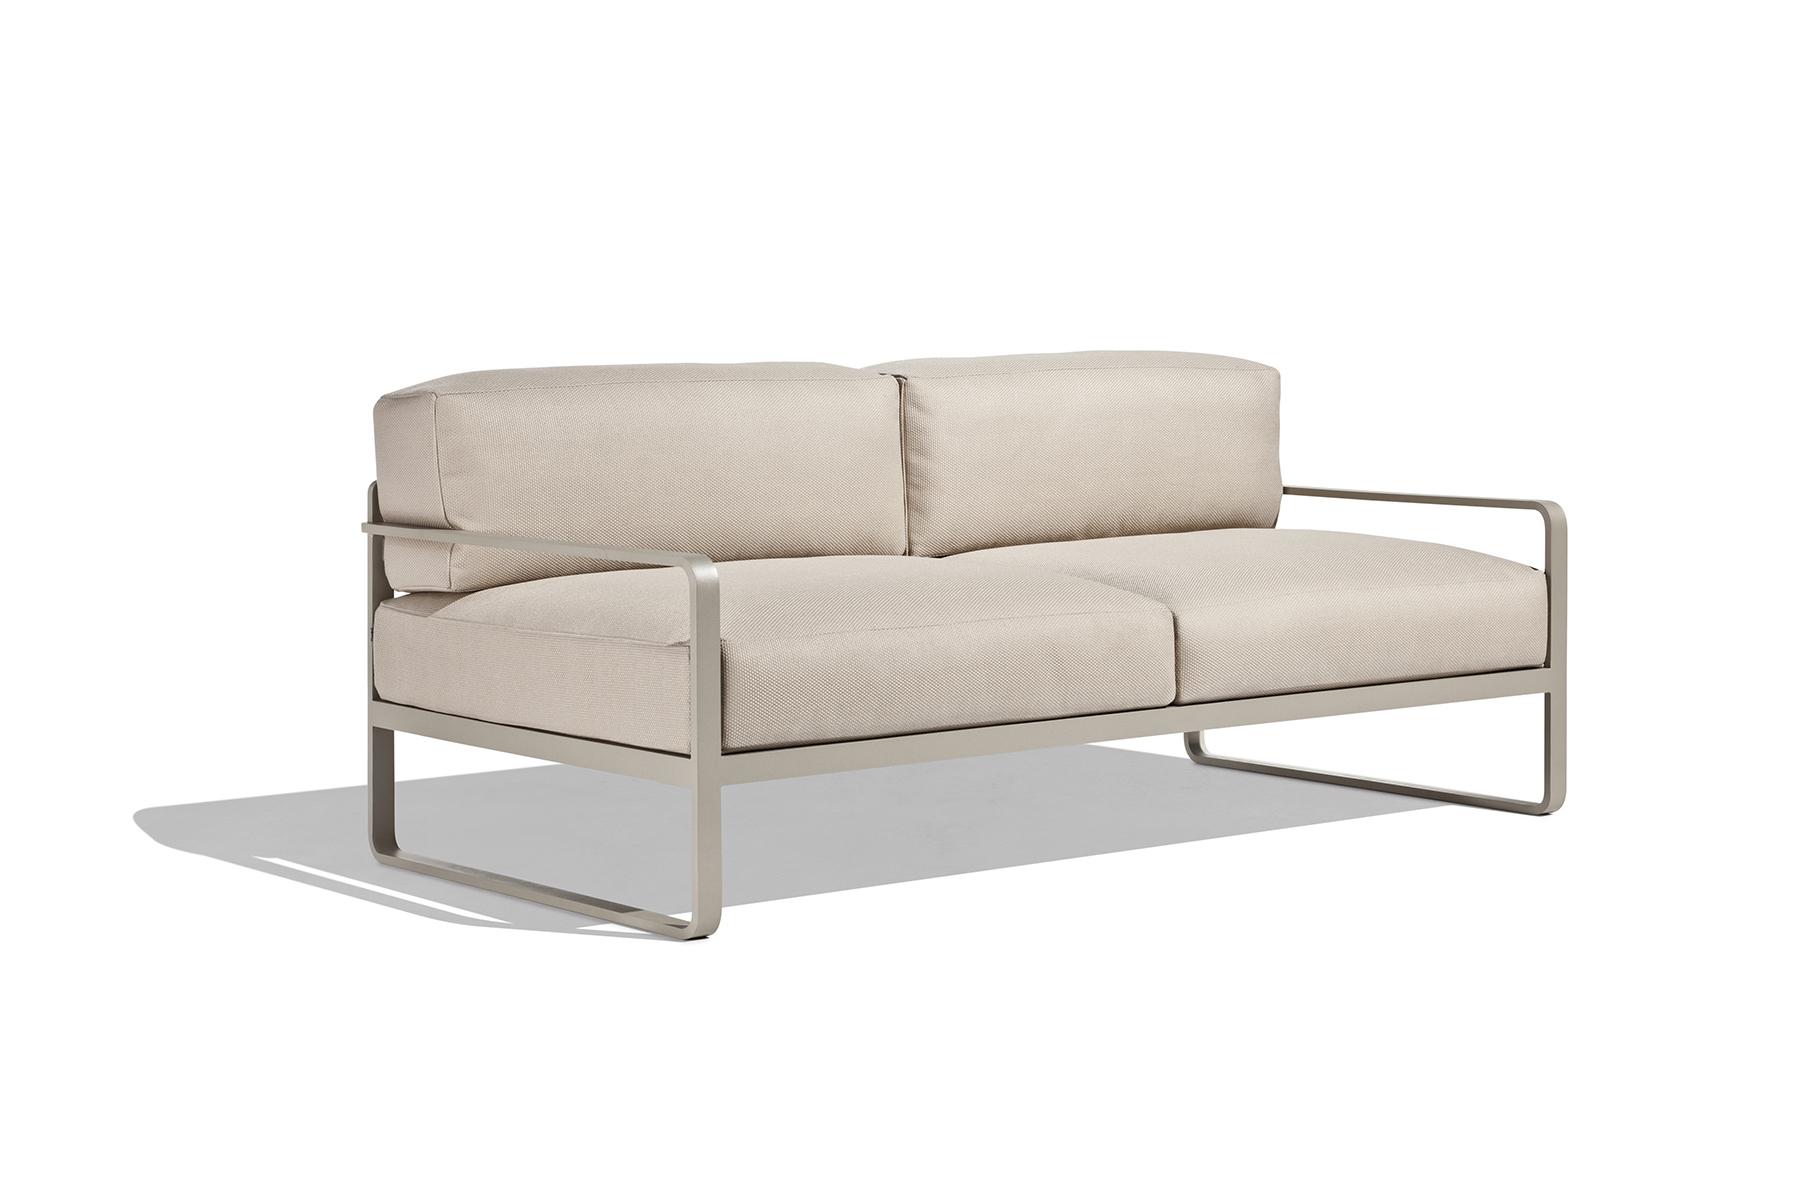 SIT 2 seater sofa – BIVAQ